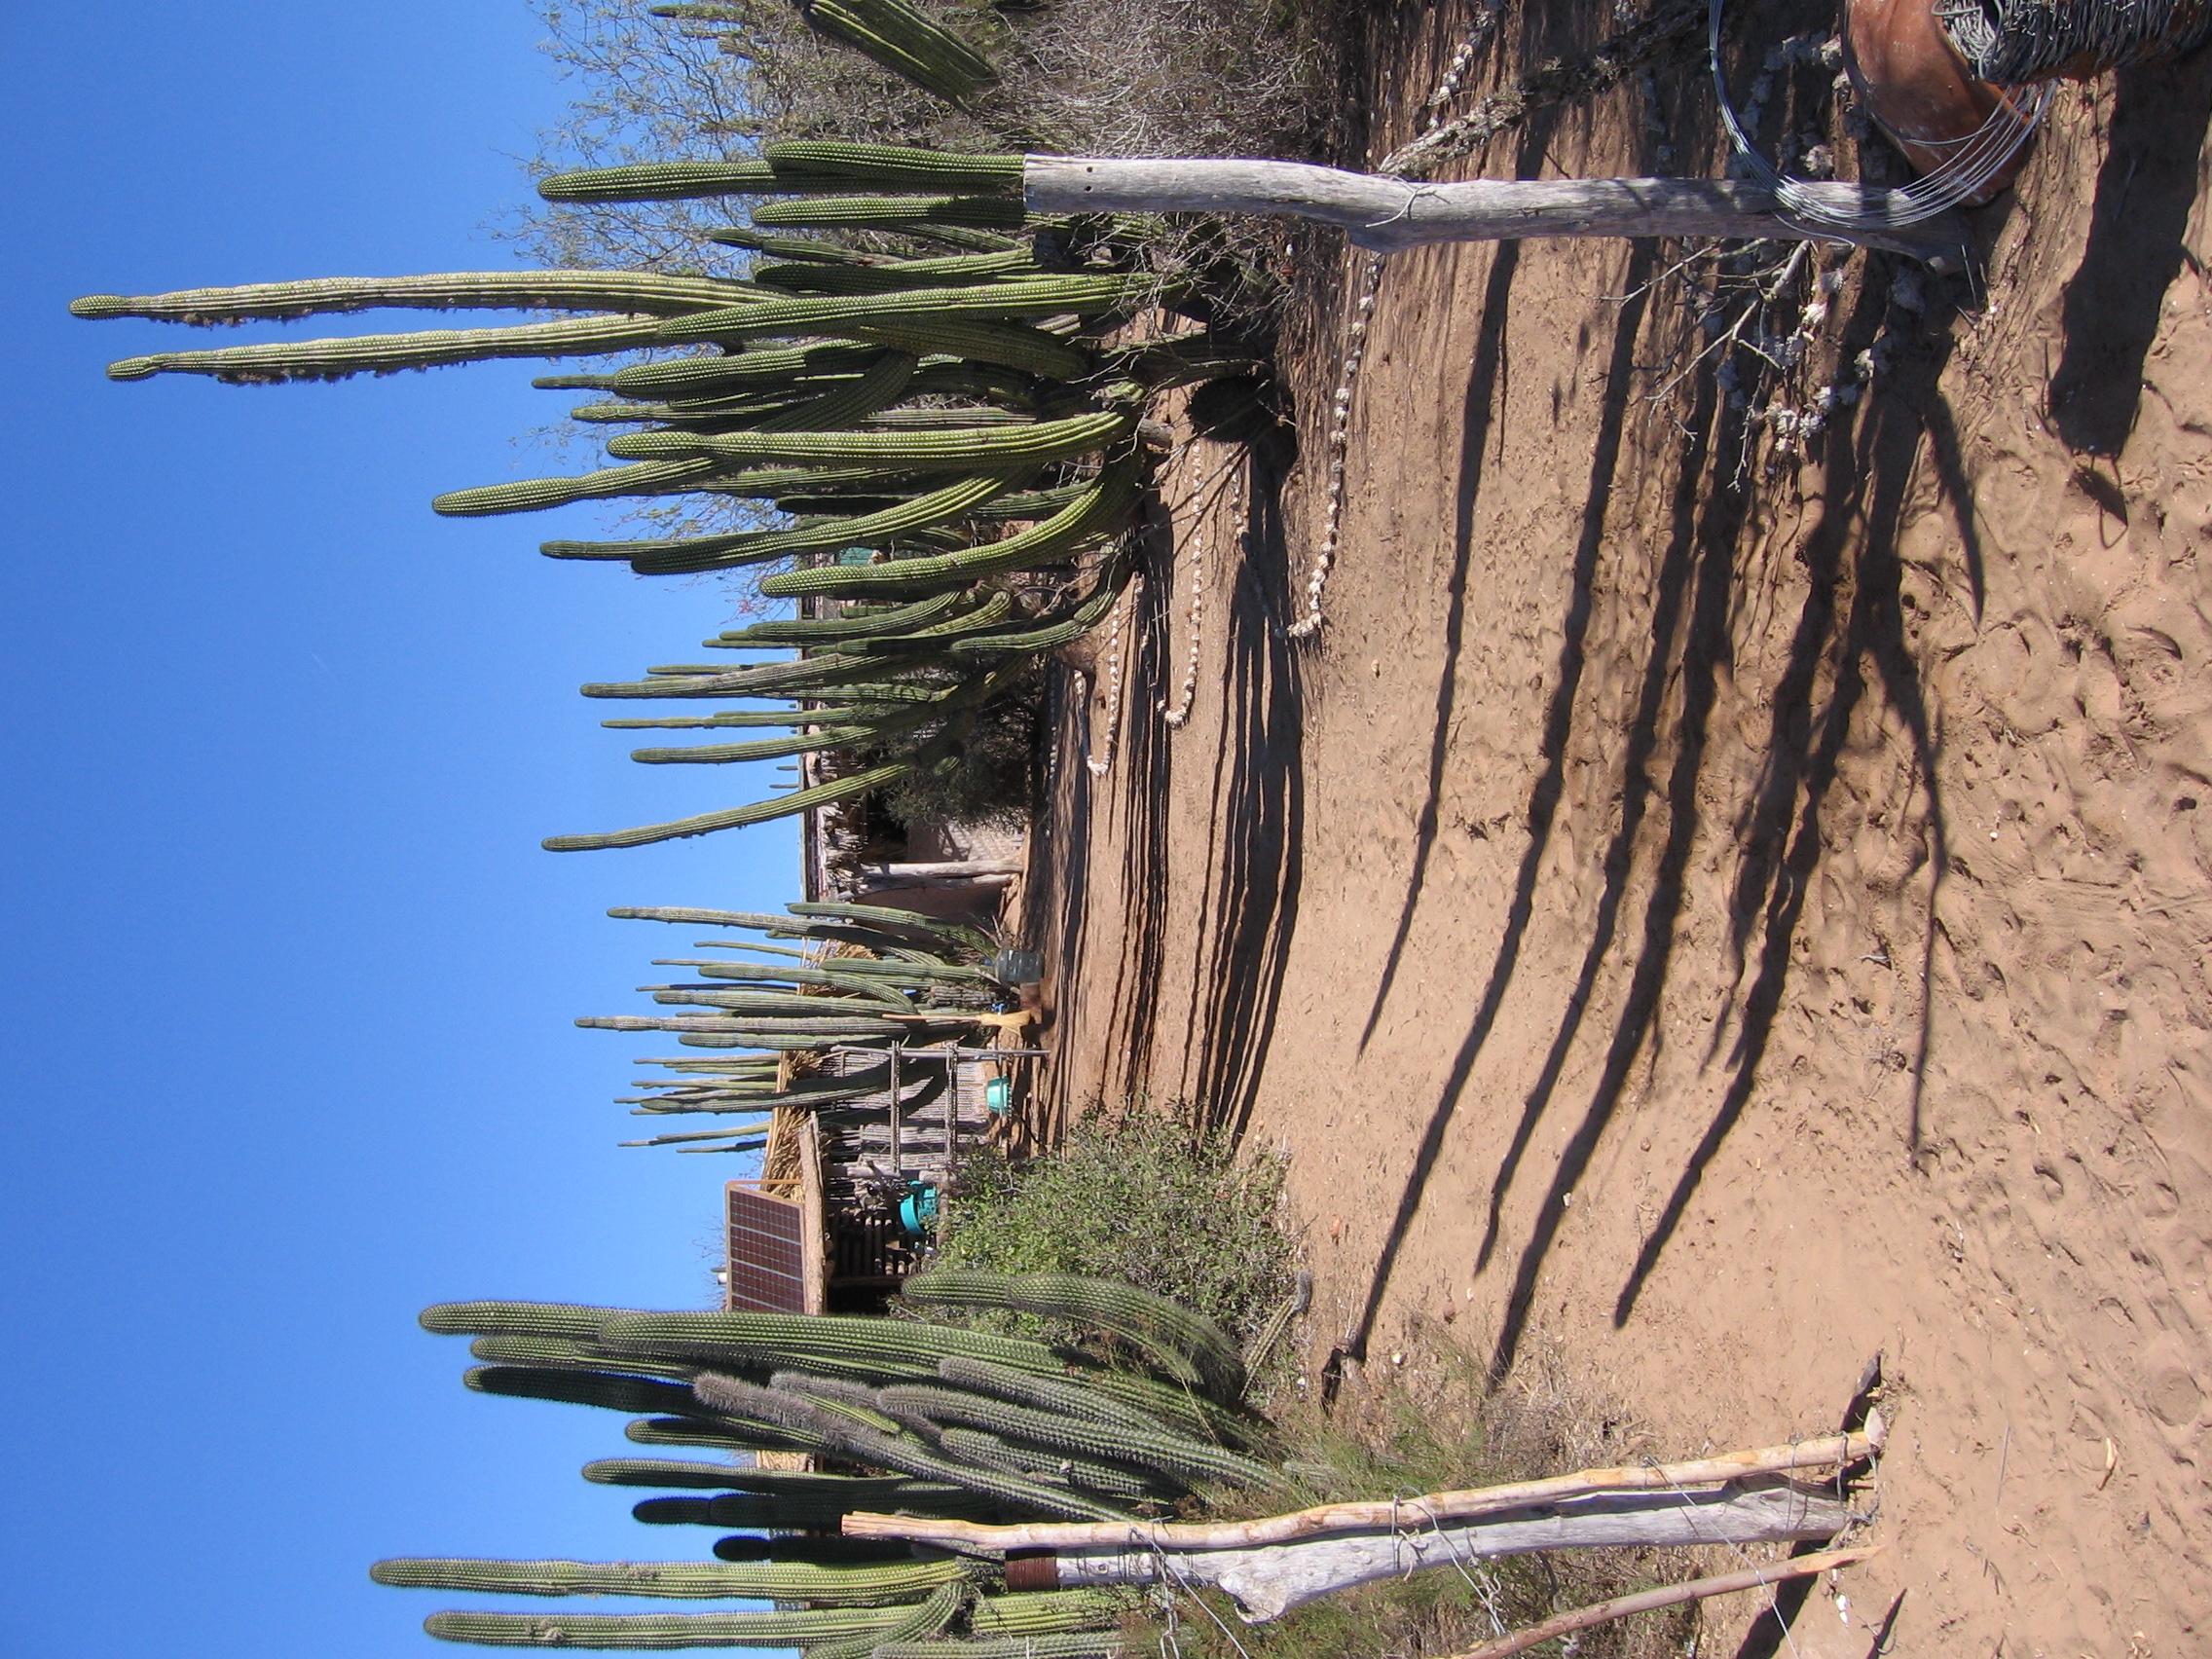 Sallie's Mexico 00025.jpg